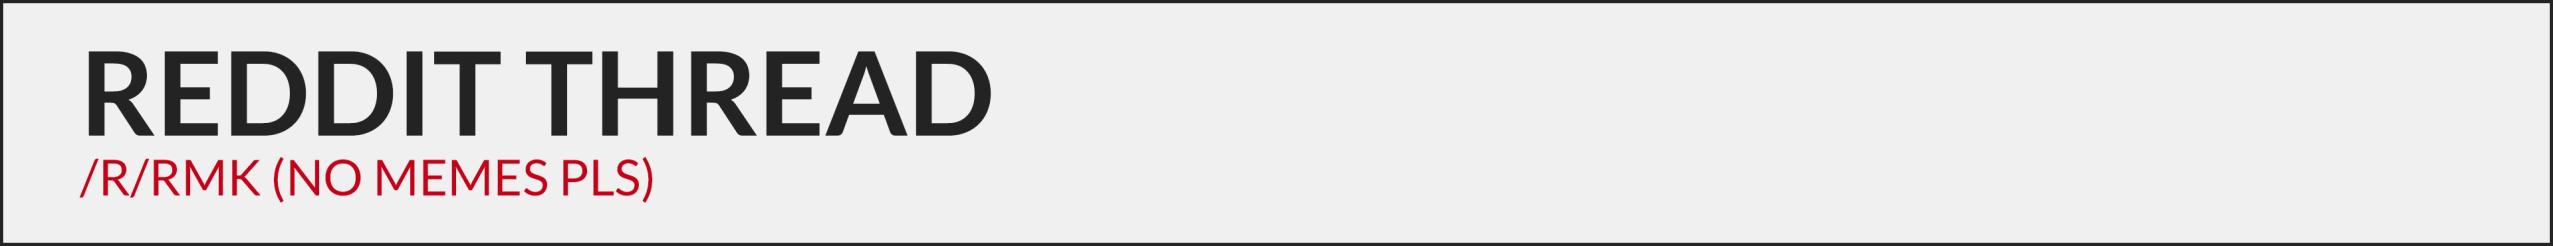 jamon-banner-reddit